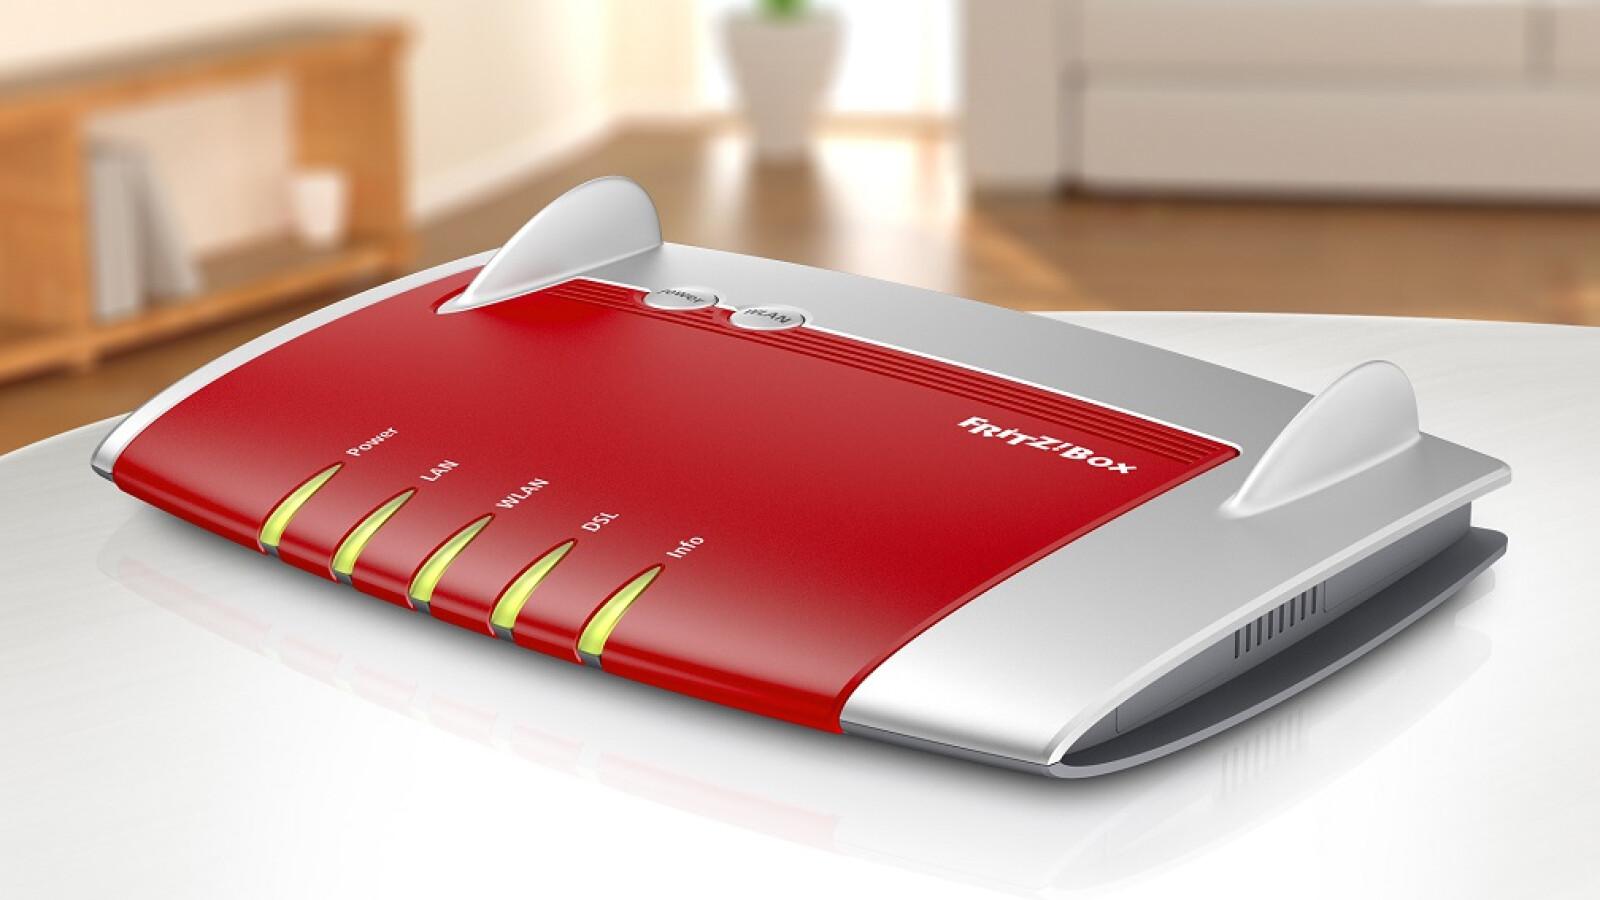 fritzbox speedport co login seiten und standardpassw rter netzwelt. Black Bedroom Furniture Sets. Home Design Ideas